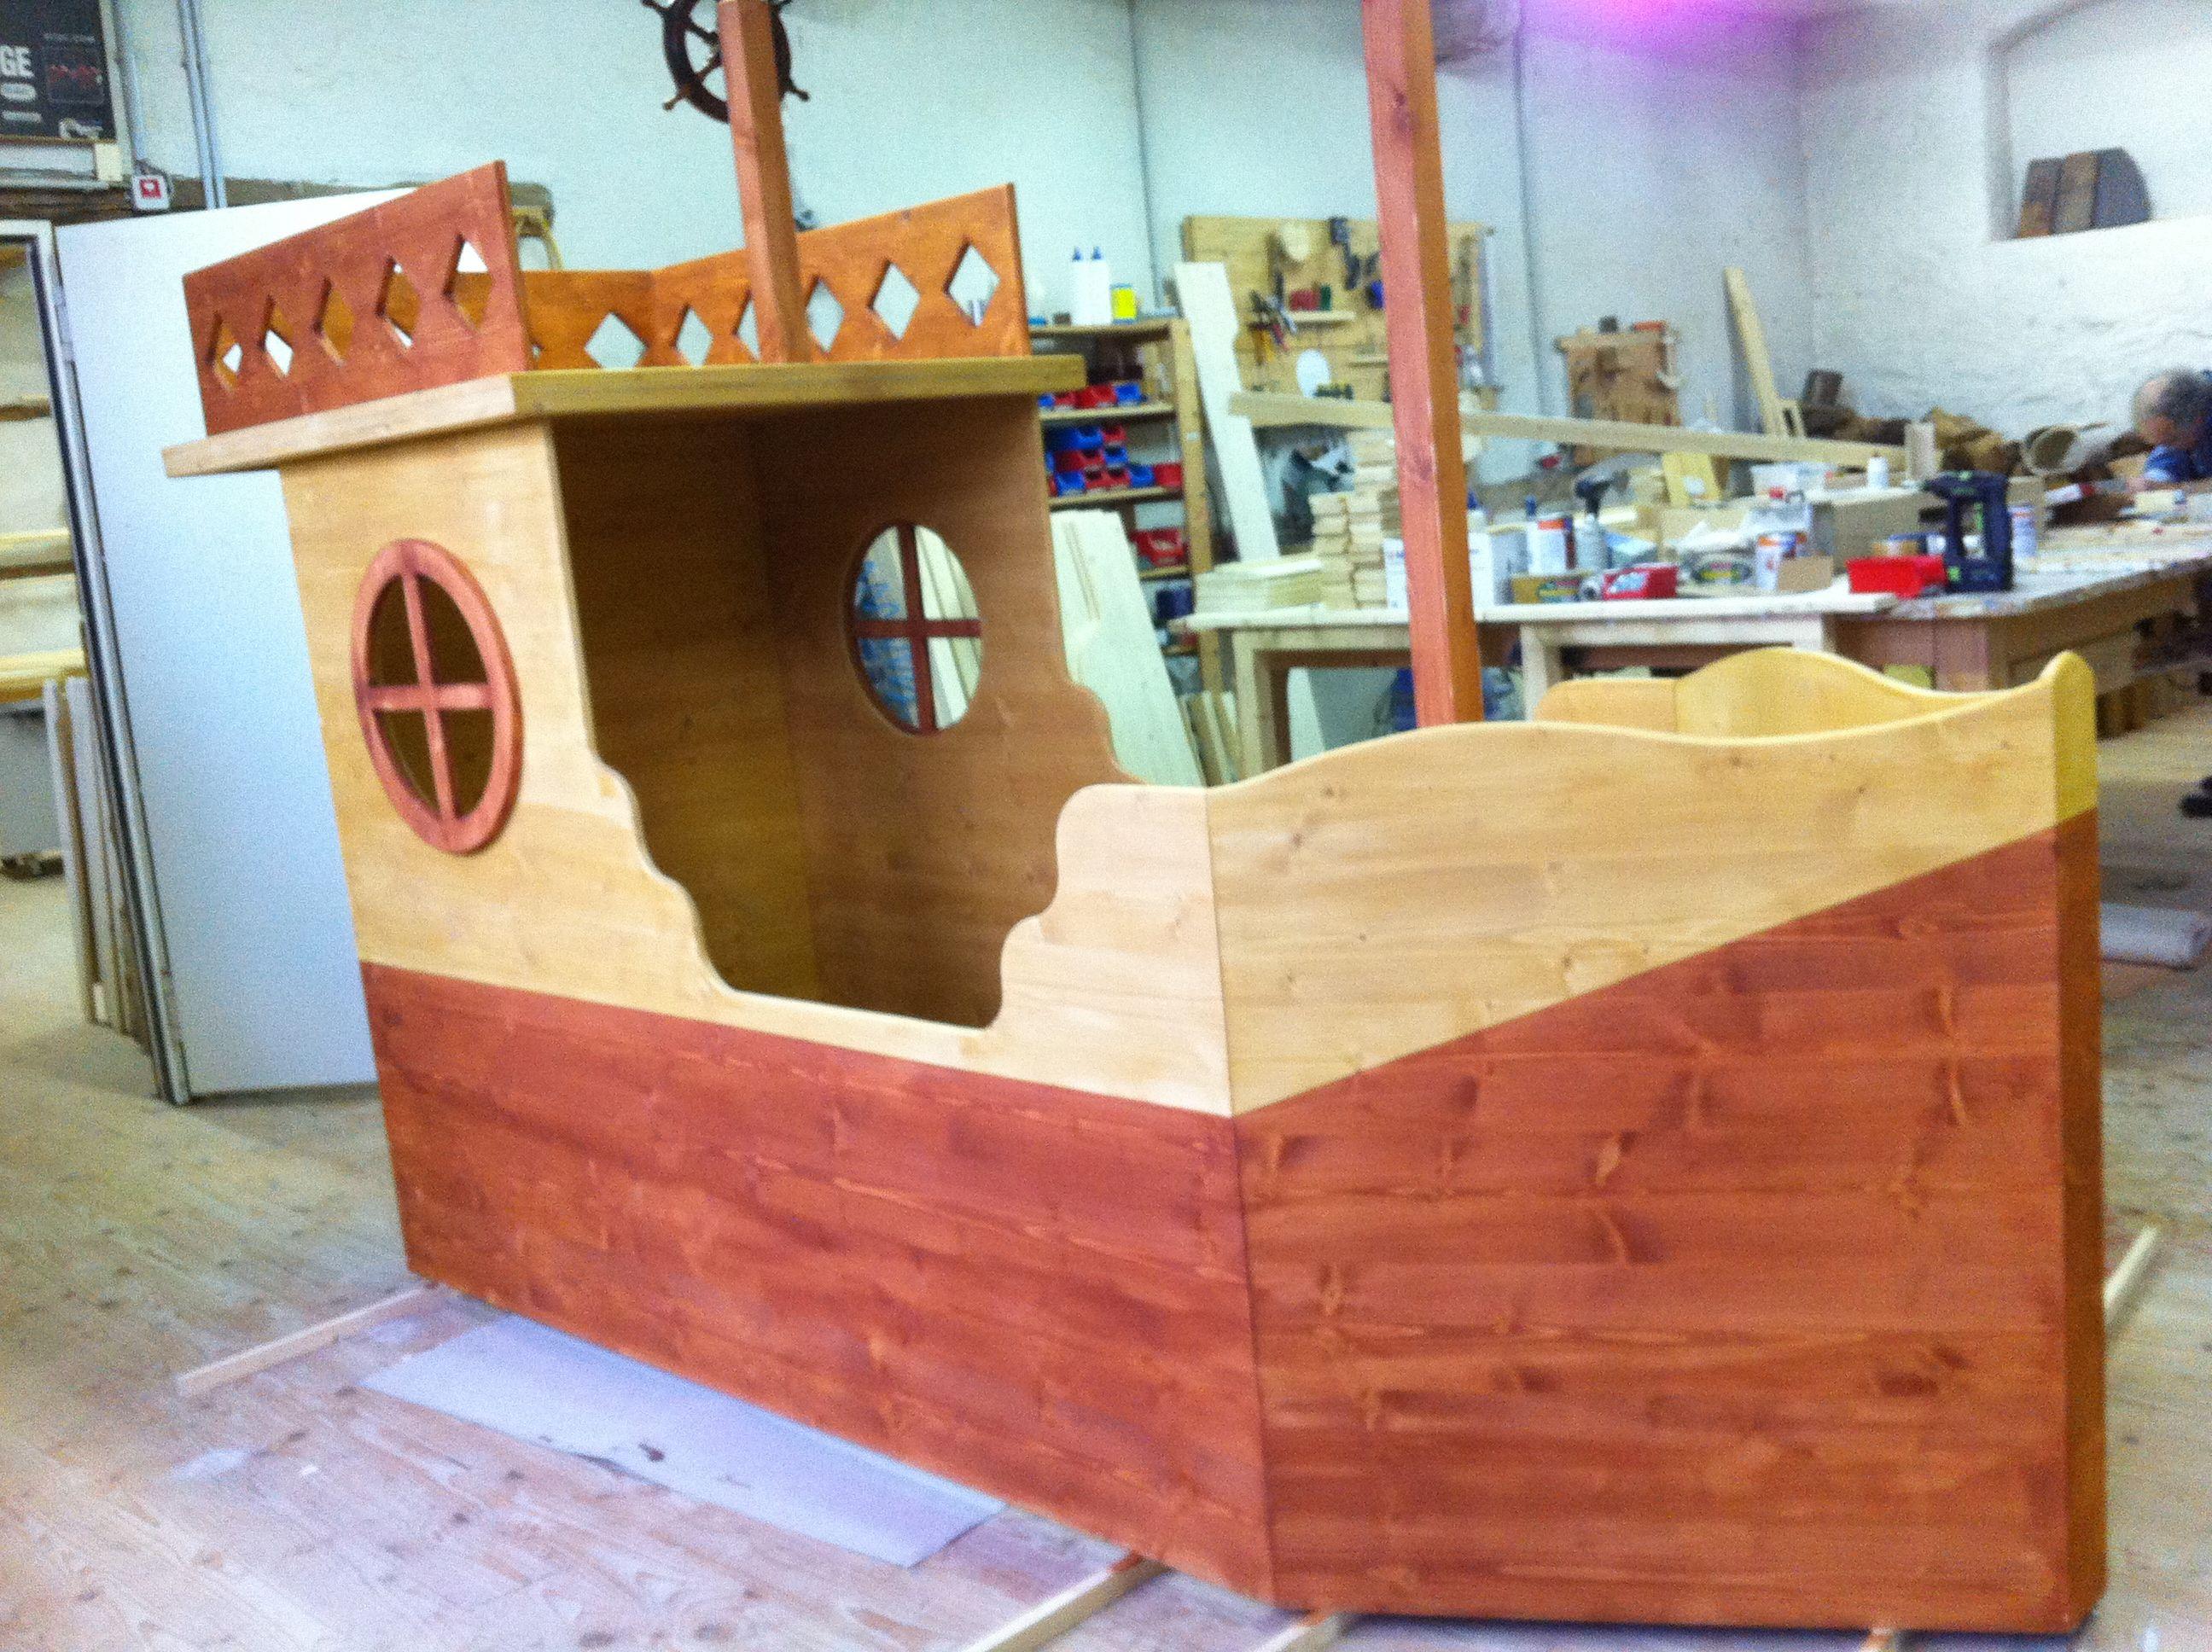 dieses bett ist etwas f r richtige piraten aber nichts f r kleine kinderzimmer aber auch solch. Black Bedroom Furniture Sets. Home Design Ideas